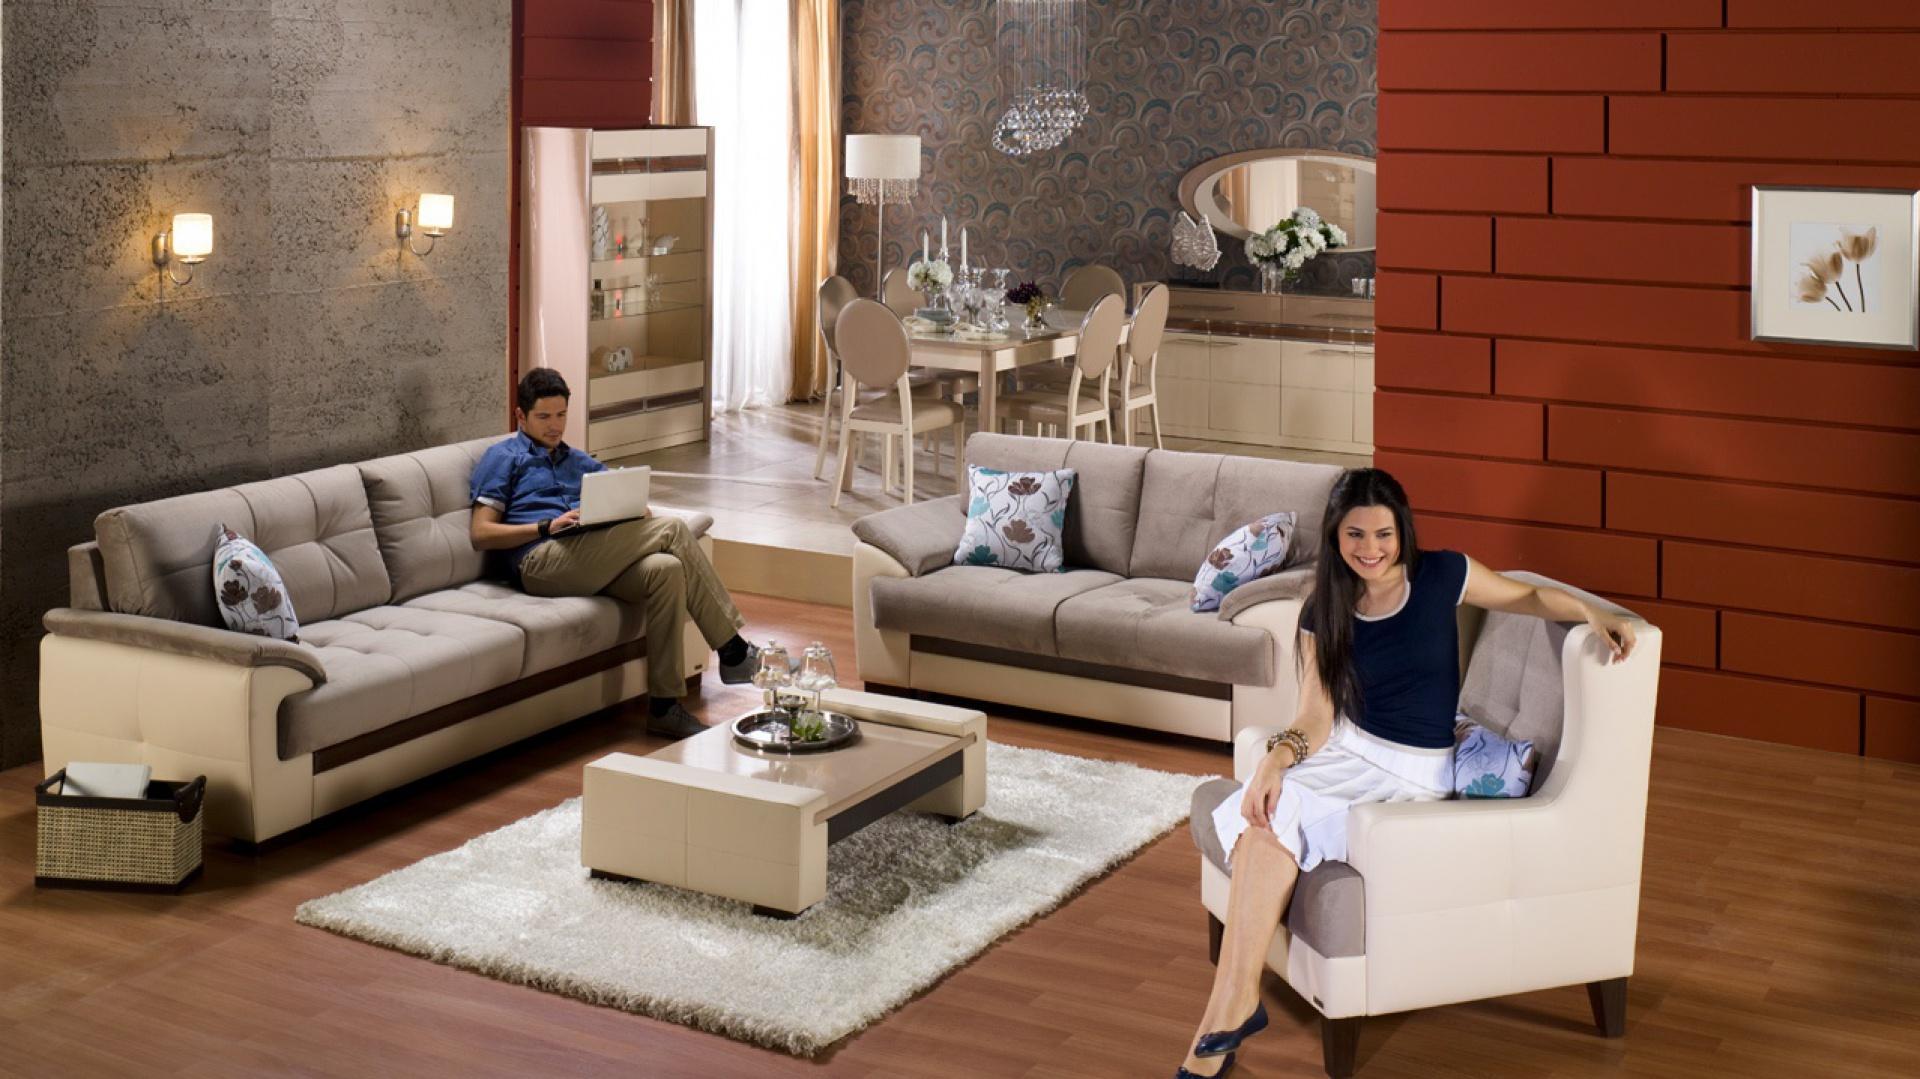 Jak Ustawić Sofę I Fotele W Salonie Najciekawsze Pomysły